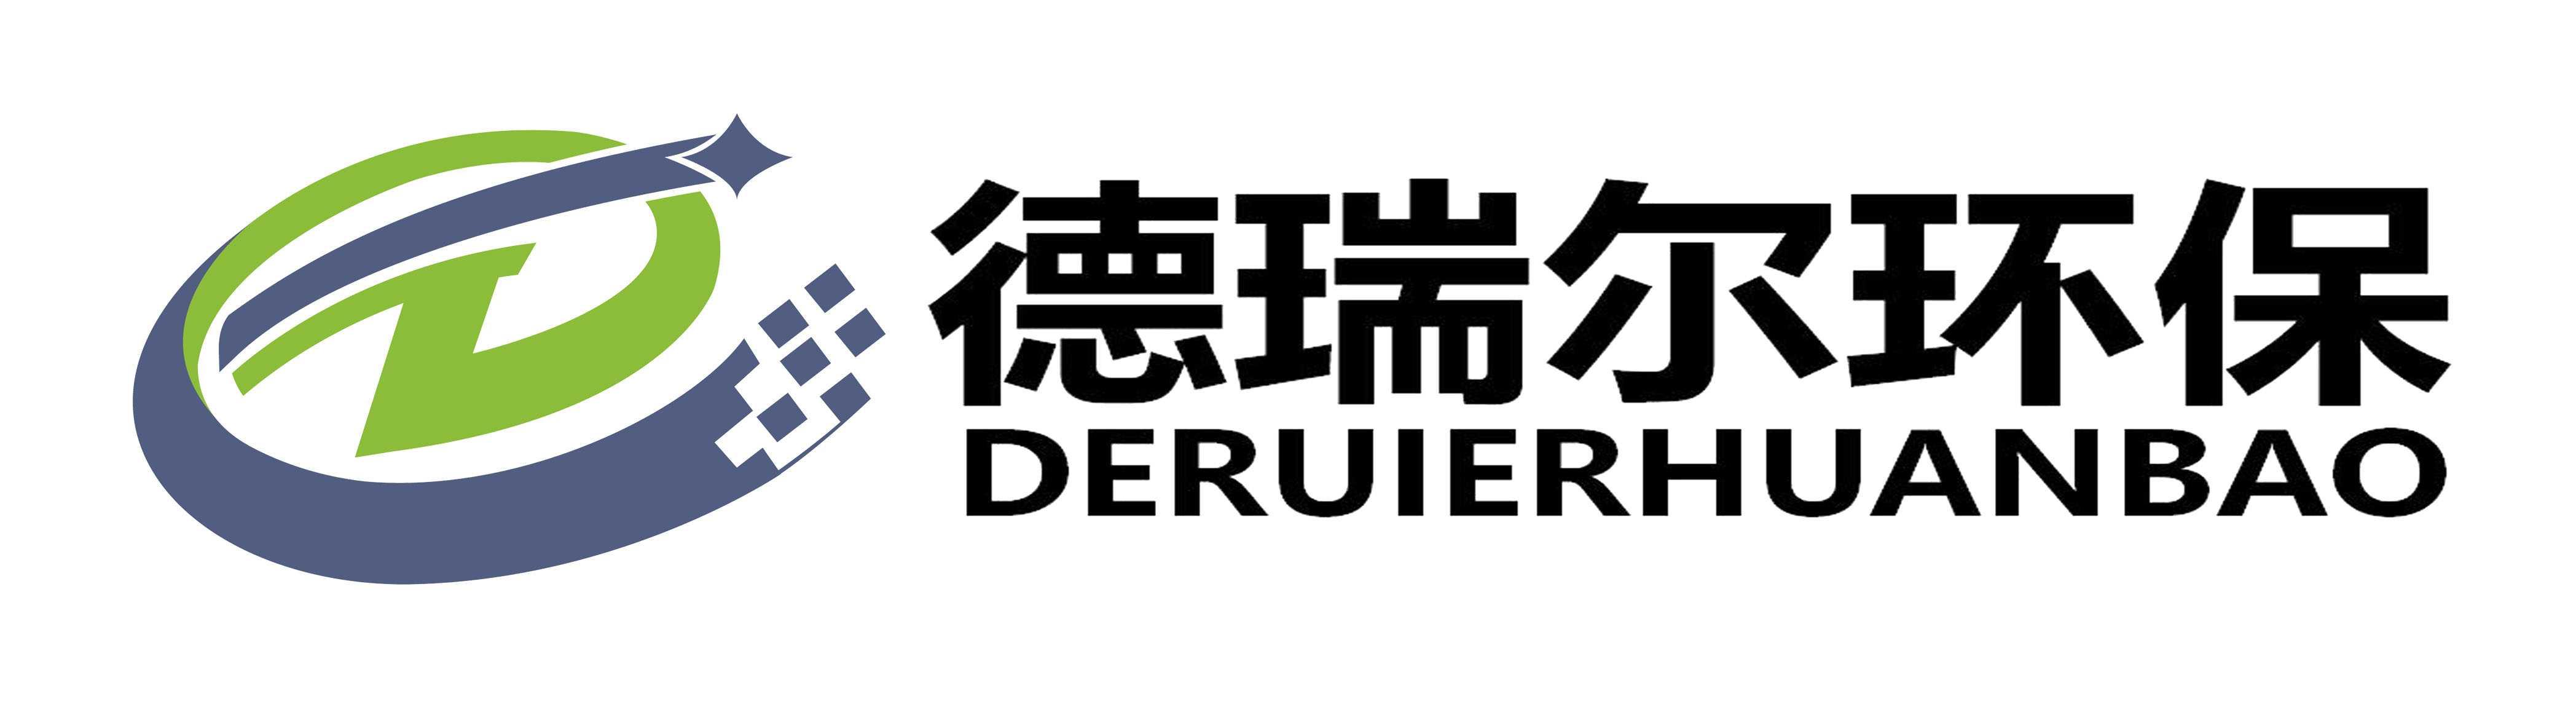 青岛德瑞尔环保设备有限公司